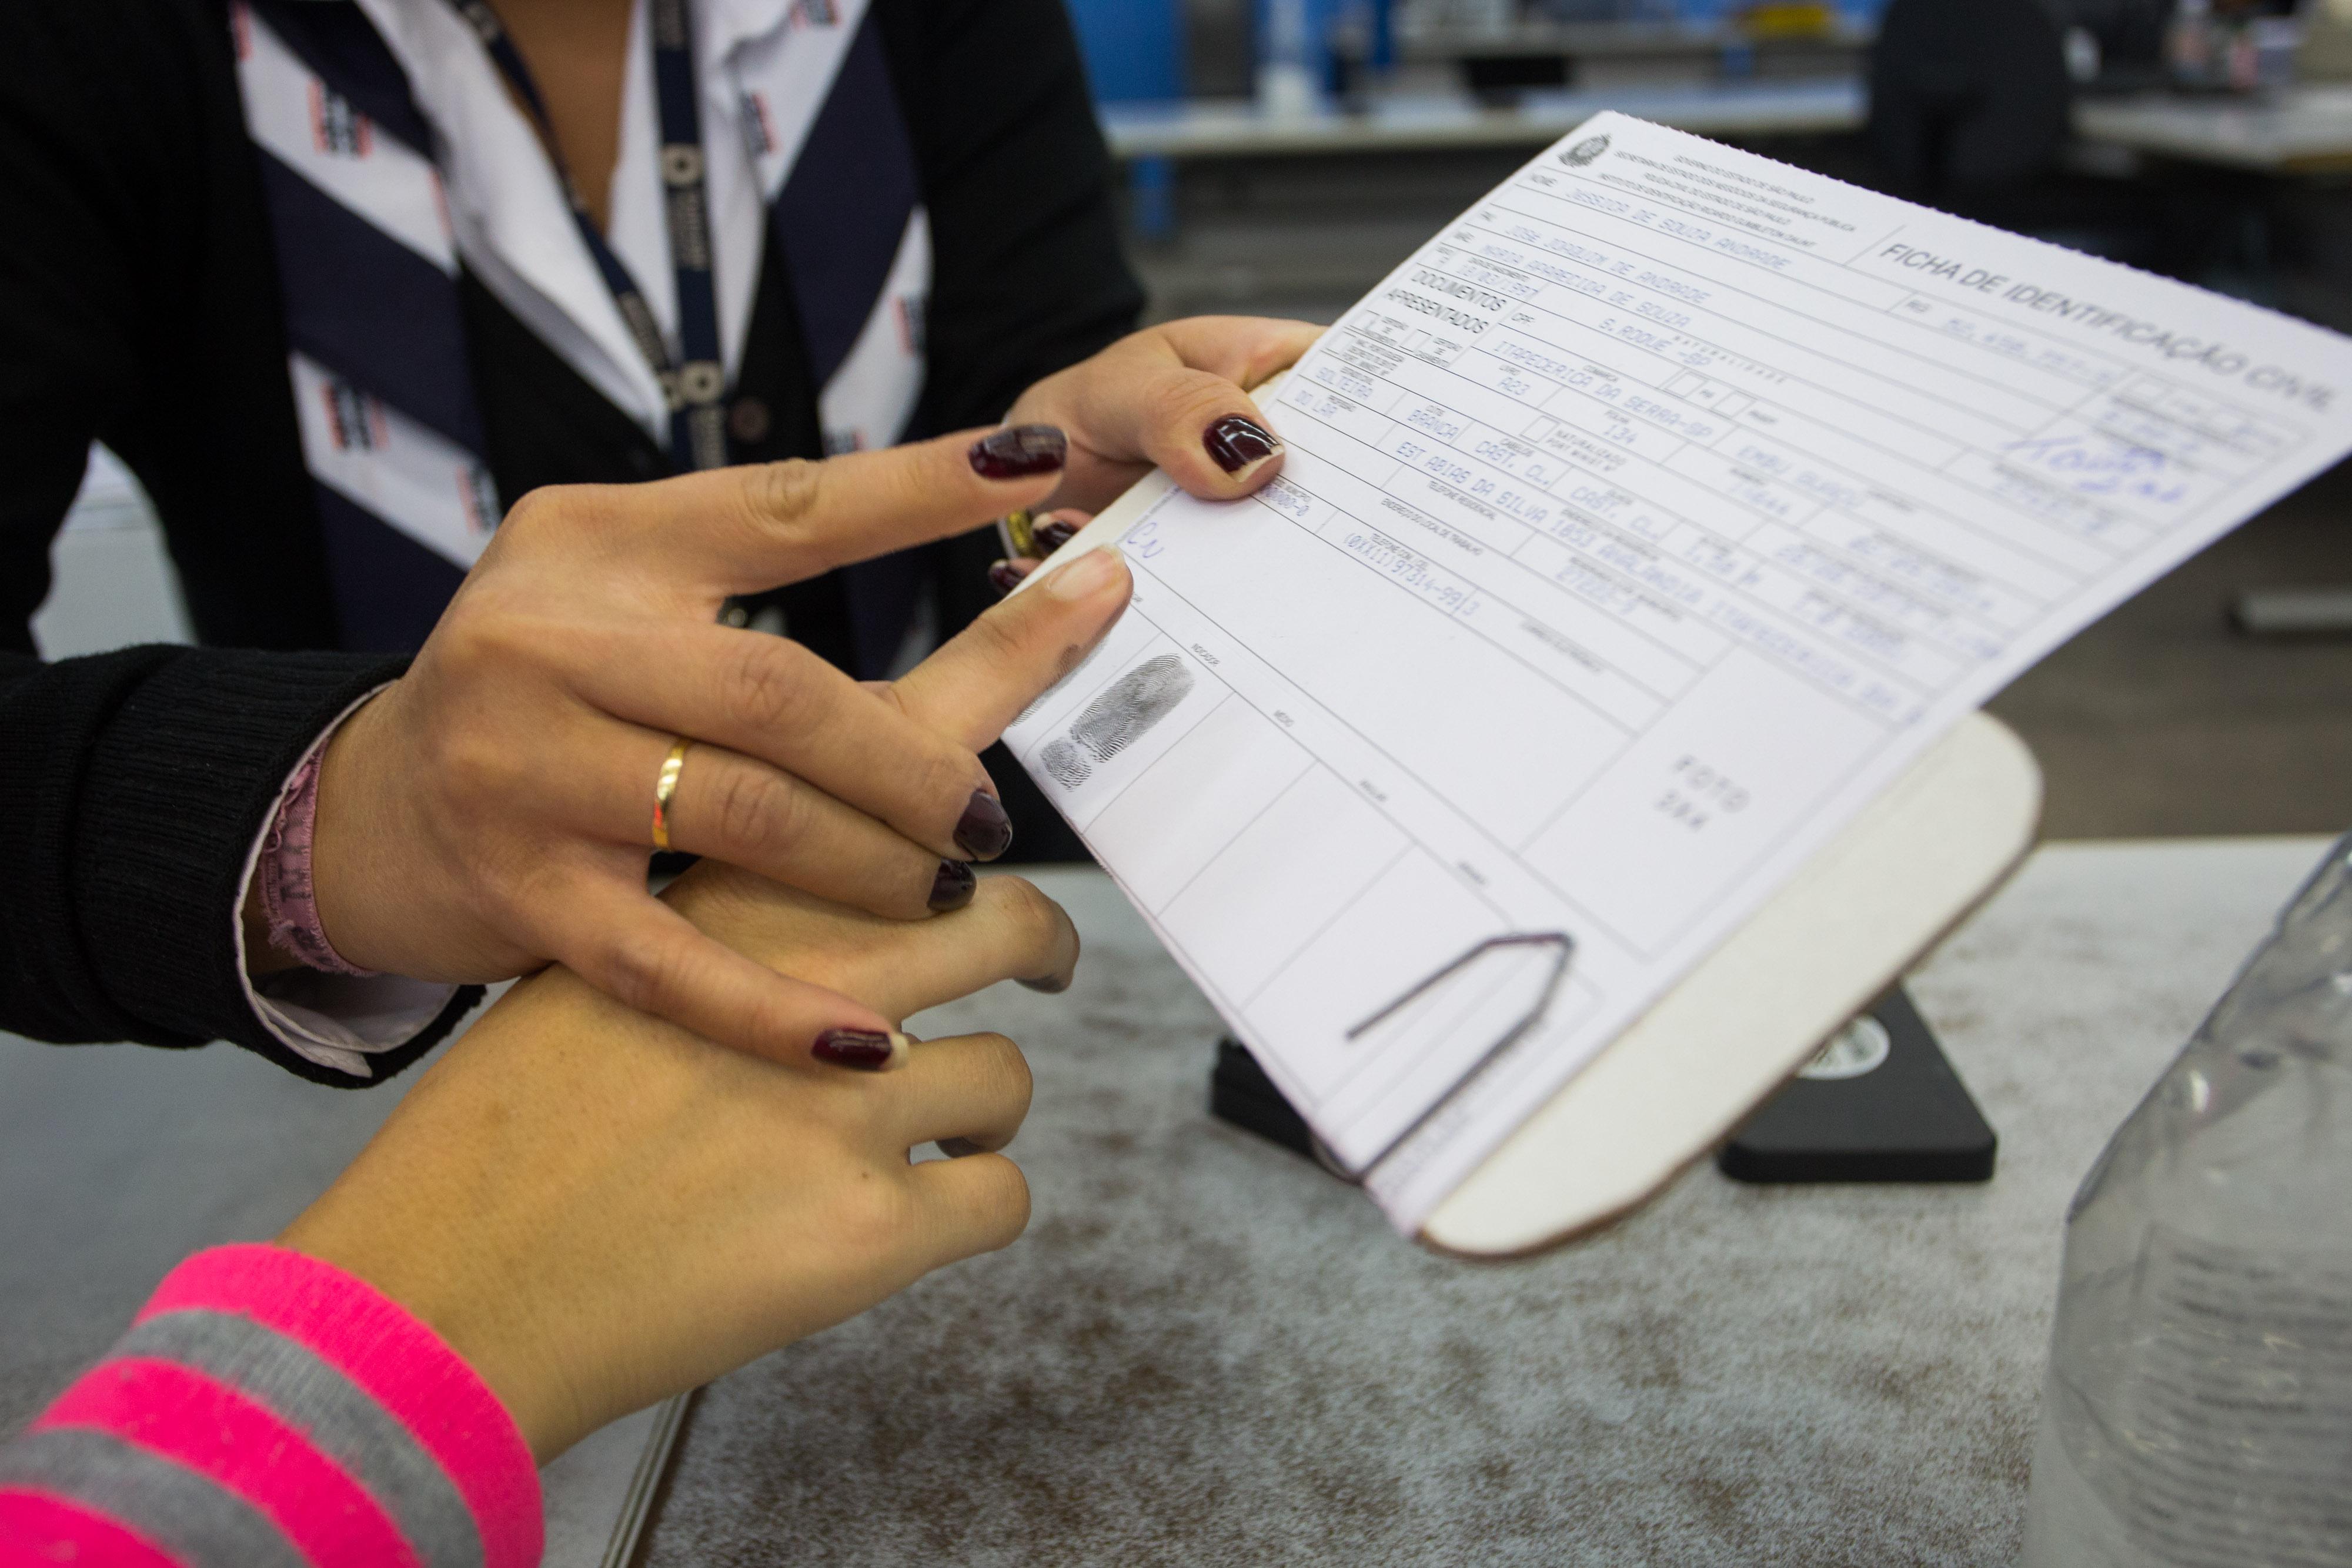 Direito e Justiça - geral - identificação civil identidade registro civil digitais impressão digital